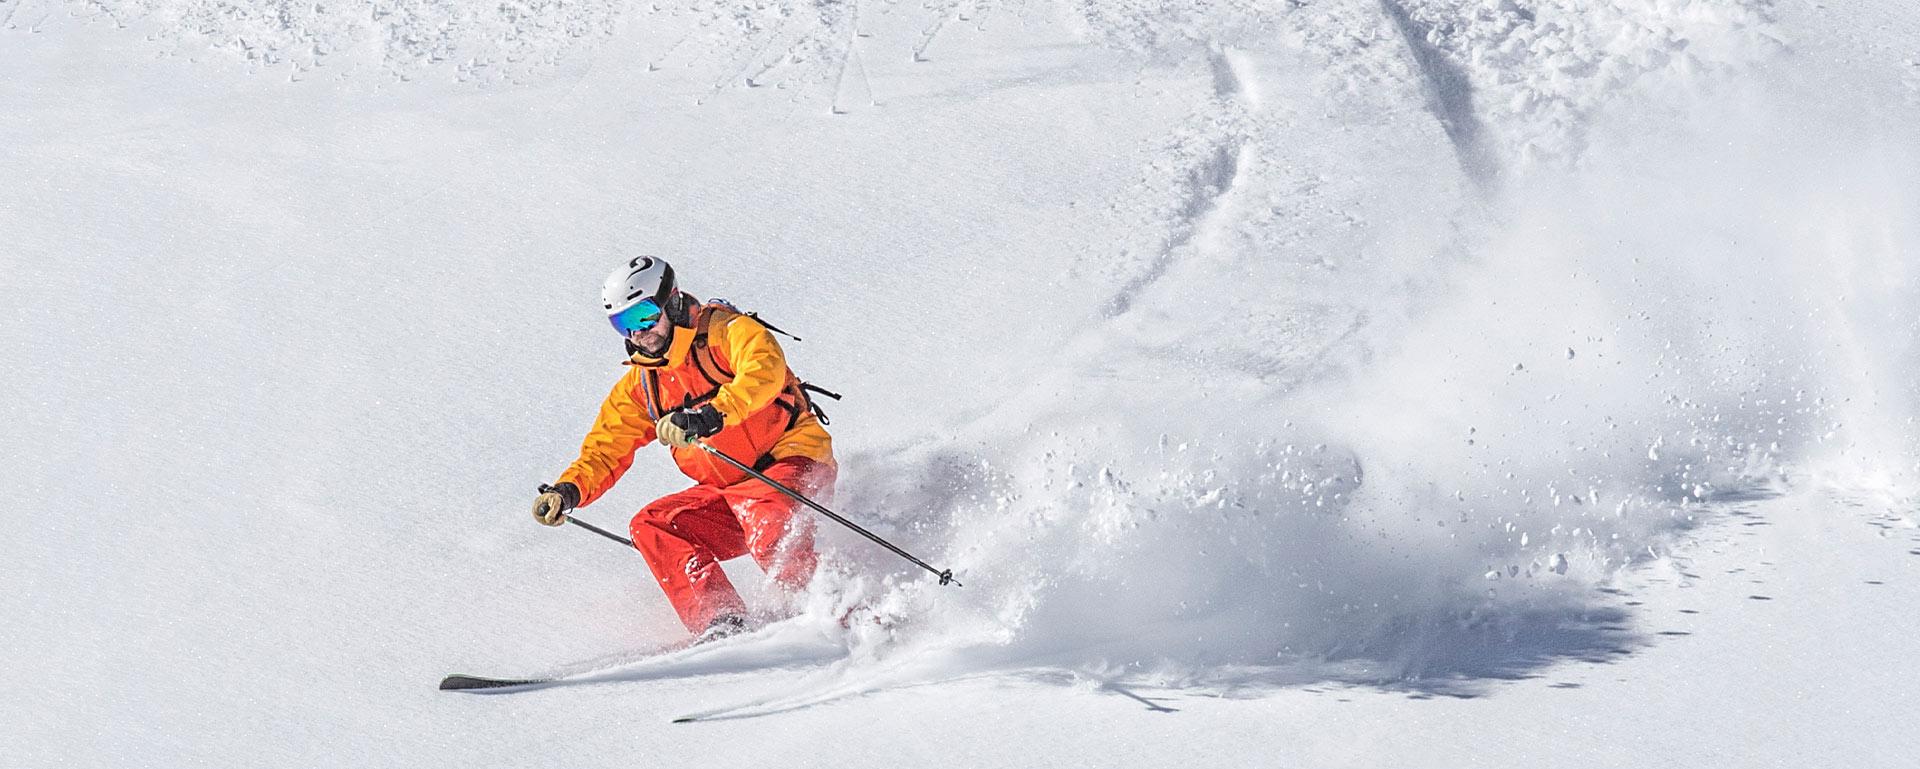 Puchar Świata w narciarstwie alpejskim 2021/2022